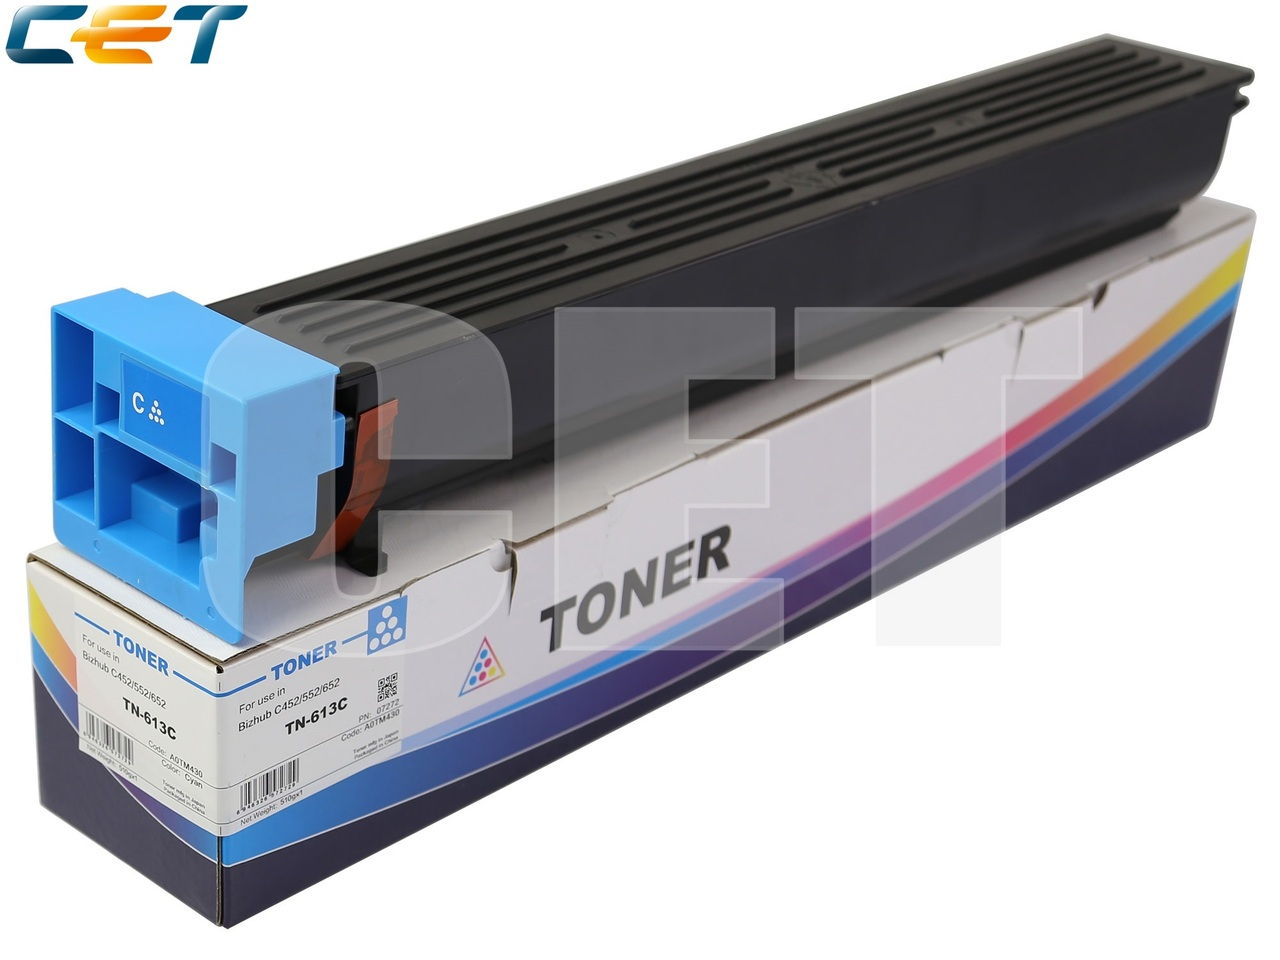 Тонер-картридж TN-613C для KONICA MINOLTA BizhubC452/C552/C652 (CET) Cyan, 510г, 30000 стр., CET7272